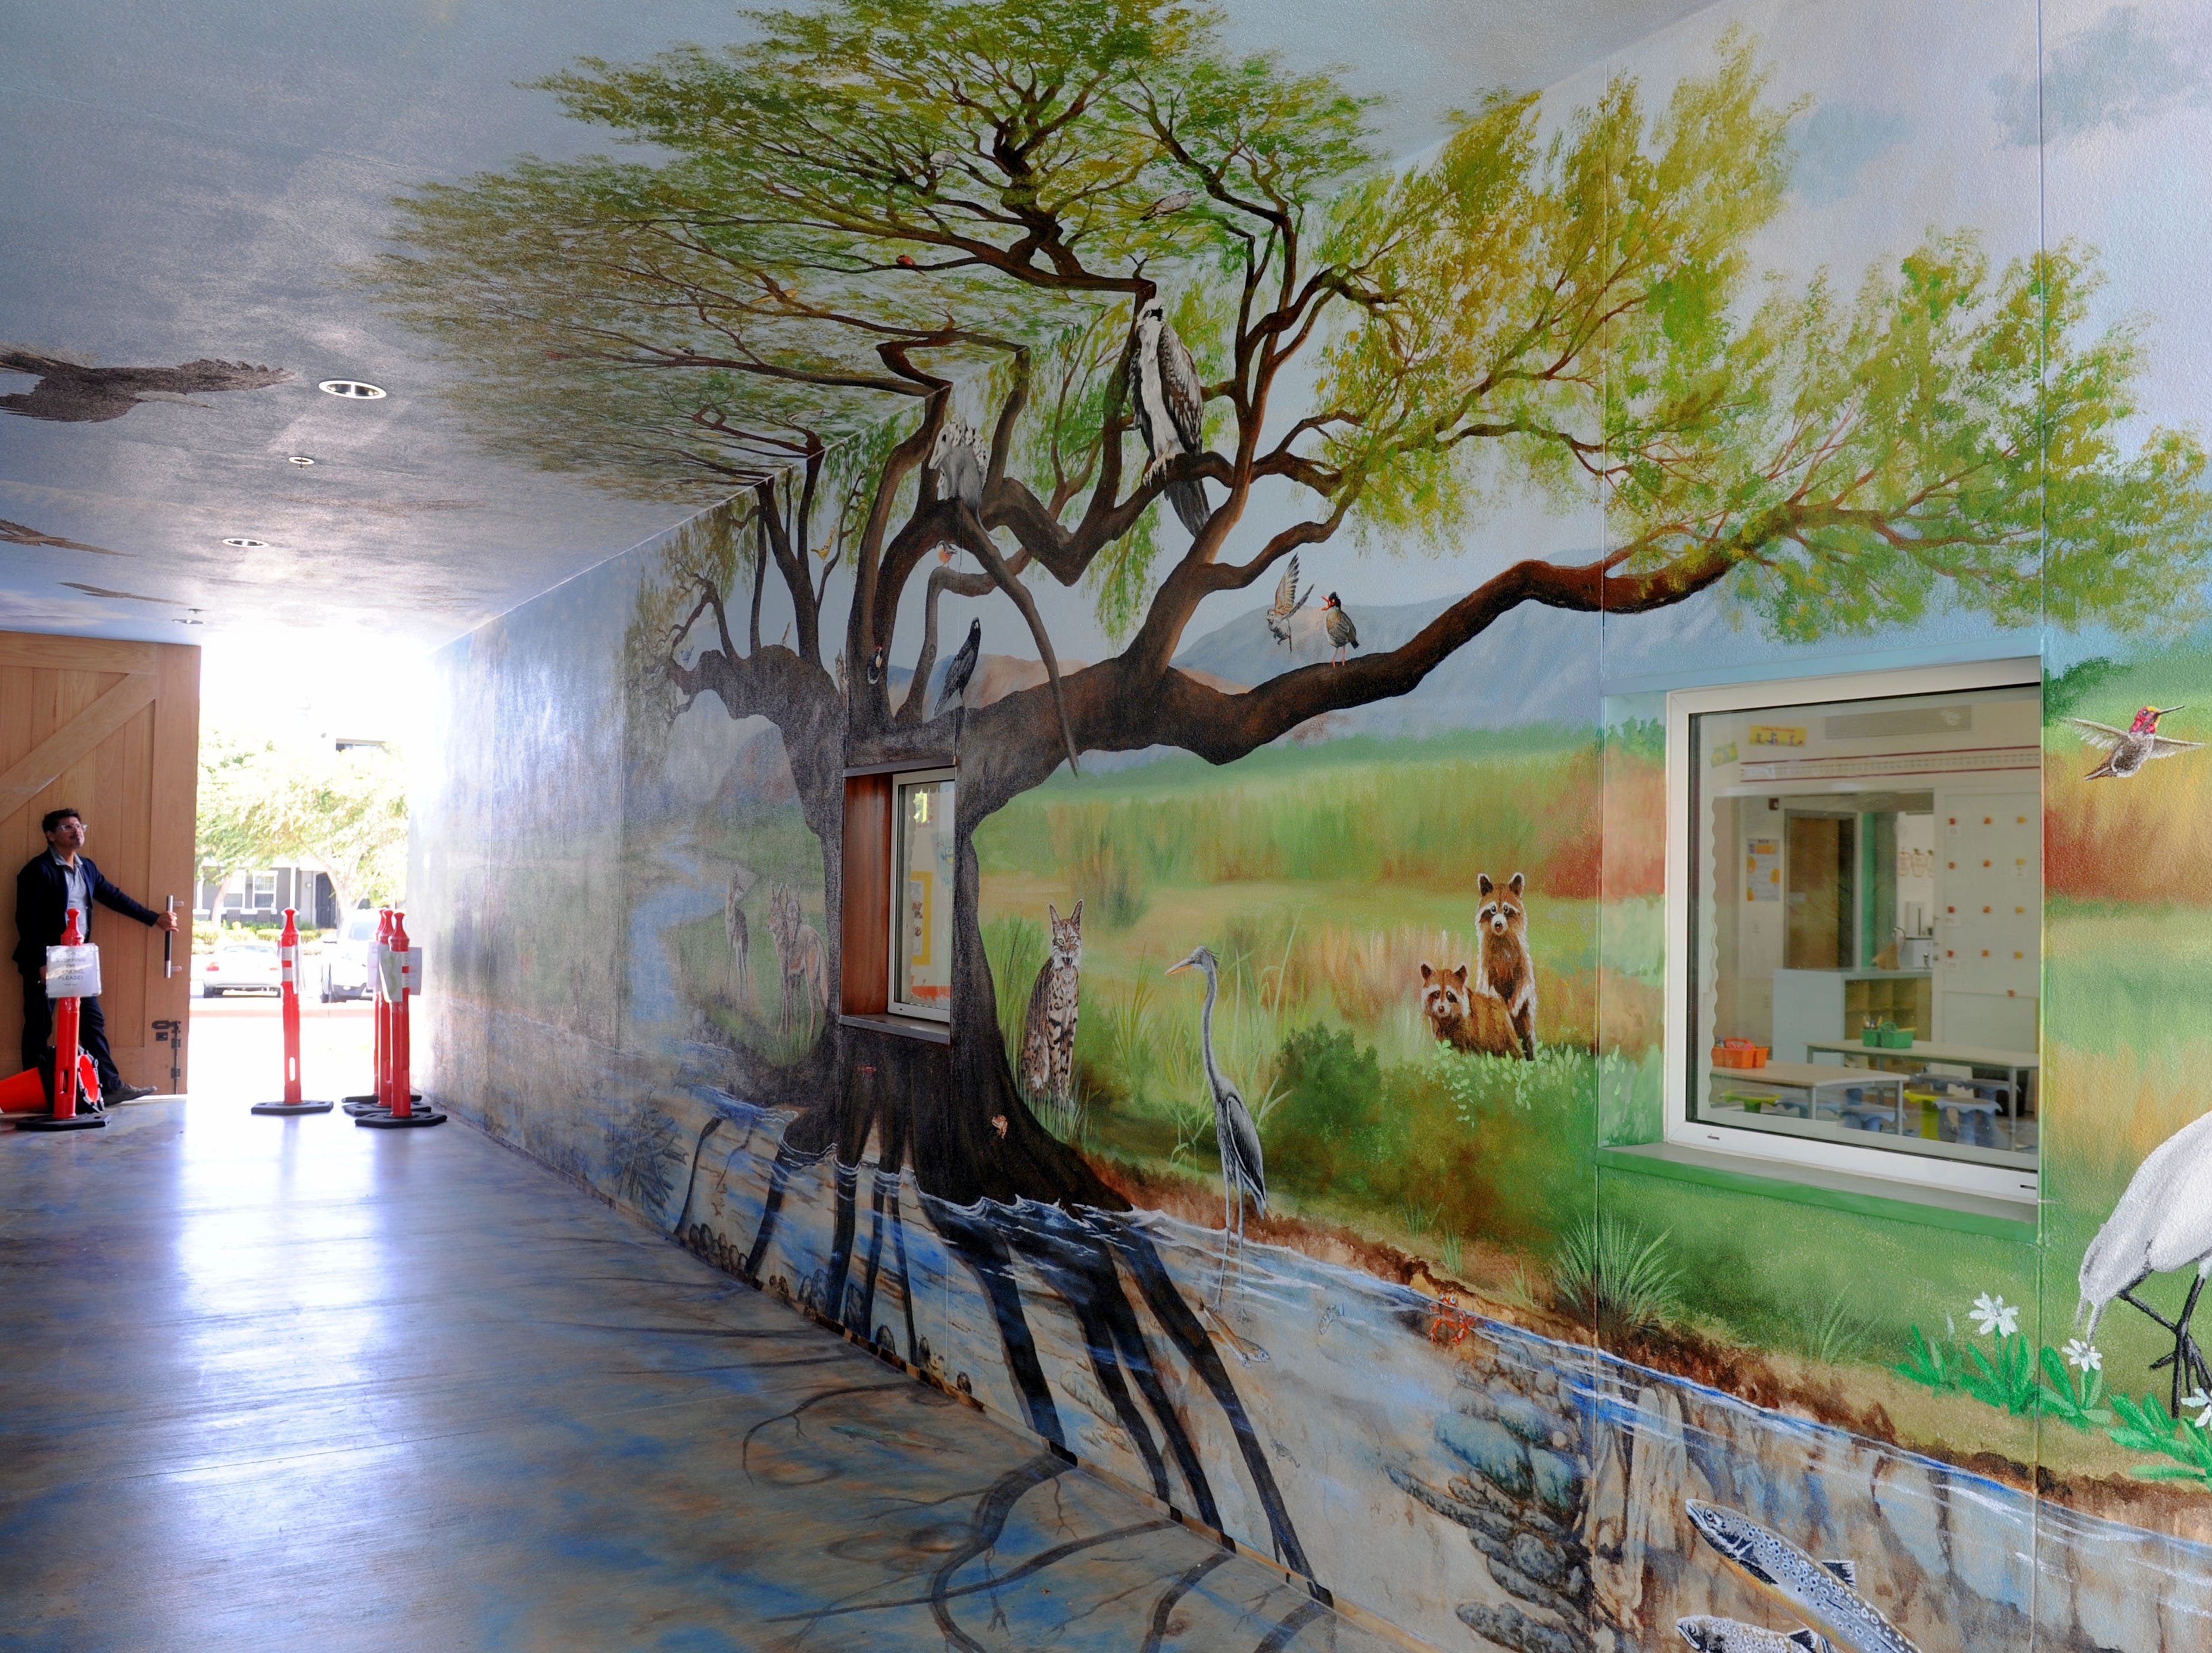 Principal Ralph Cordova walks through the hallway at Rio Del Sol school in Oxnard.